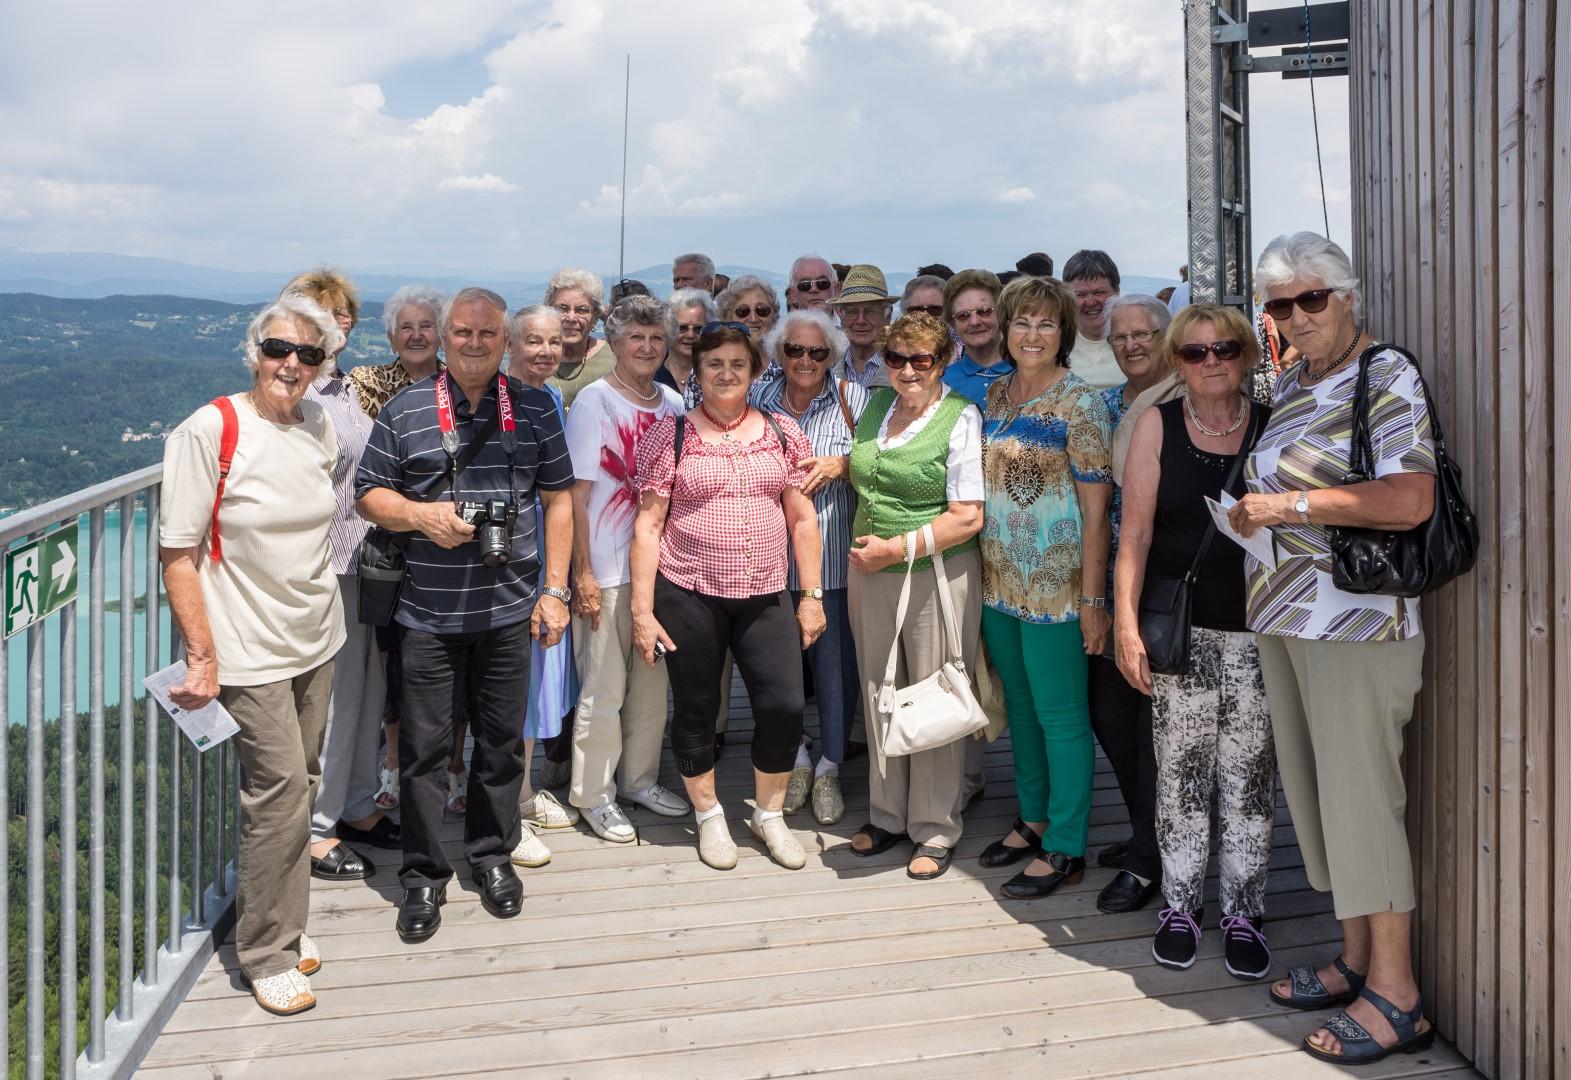 Das Seniorenteam gemeinsam mit Gruppenleiterin Frau Brigitte Kettner (links außen) beim Ausflug zum neuen Wahrzeichen Kärntens - Aussichtsturm Pyramidenkogel, am 12. Juni 2014, hier auf der obersten Aussichtsplattform neben dem Antennenmast in 70.56 m Turmhöhe und 919.06 m Seehöhe (© Herr Mag. Bernhard Wagner).